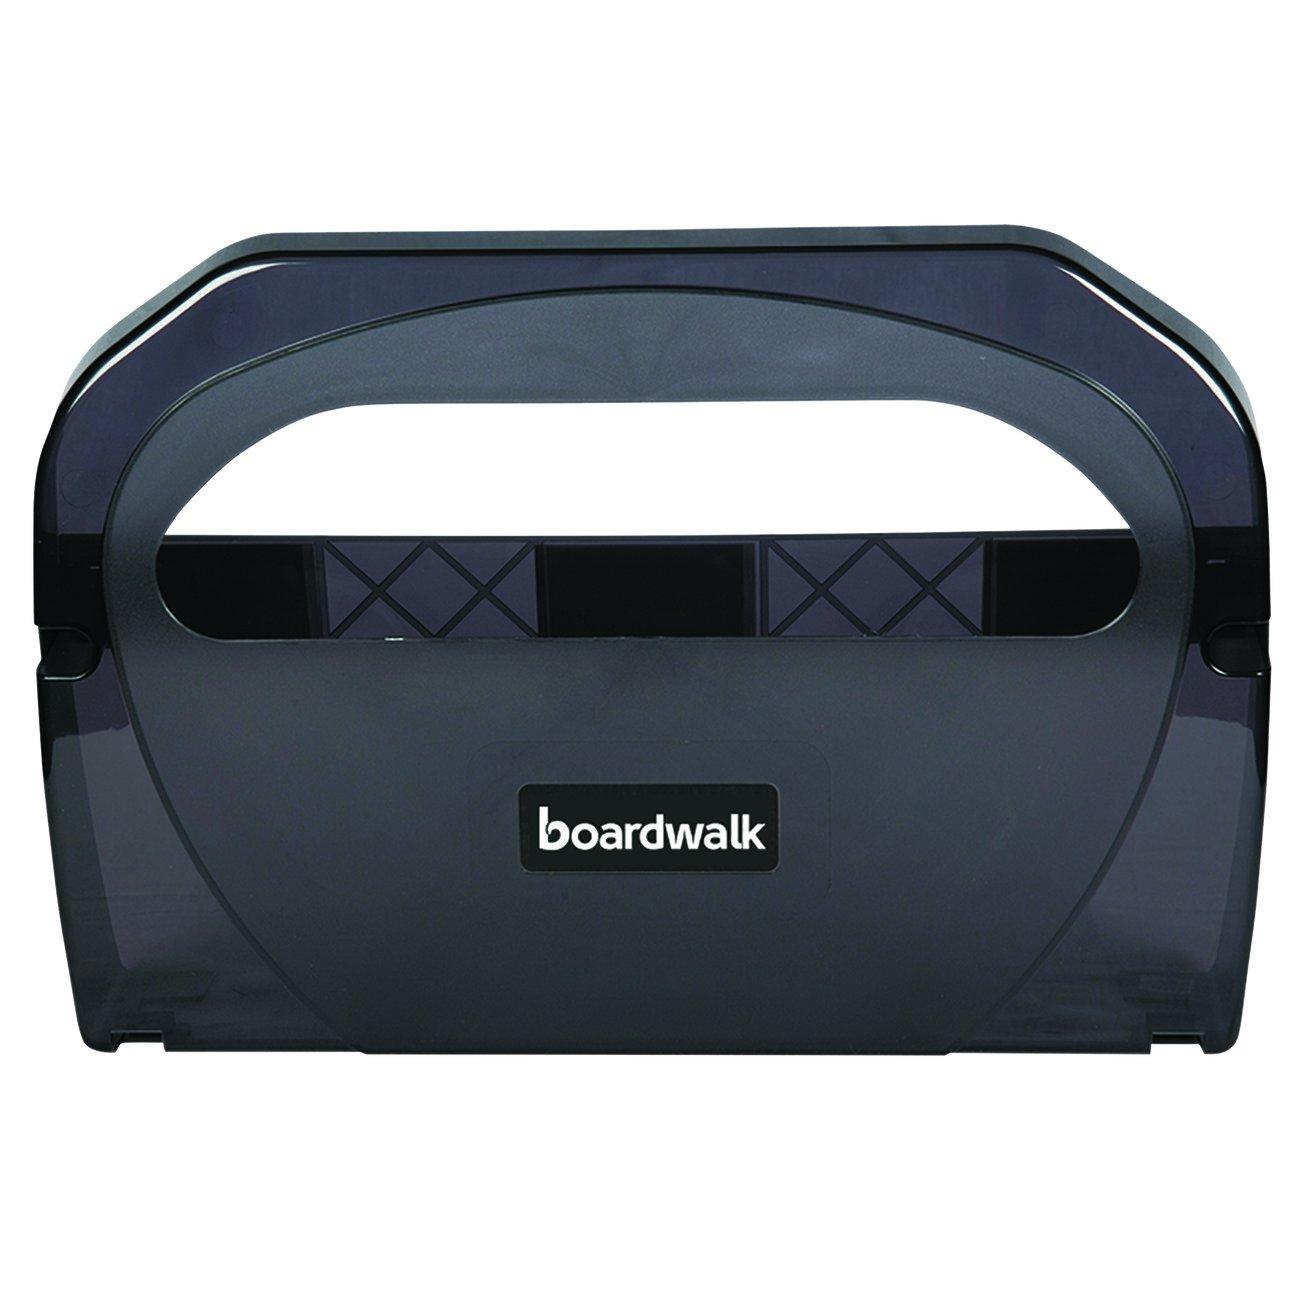 Boardwalk TS510SBBW Toilet Seat Cover Dispenser, Plastic, 17-1/4'' Width, 3-1/8'' Depth, 11-3/4'' Height, Smoke Black, 11.75'' Height, 17.25'' Width by Boardwalk